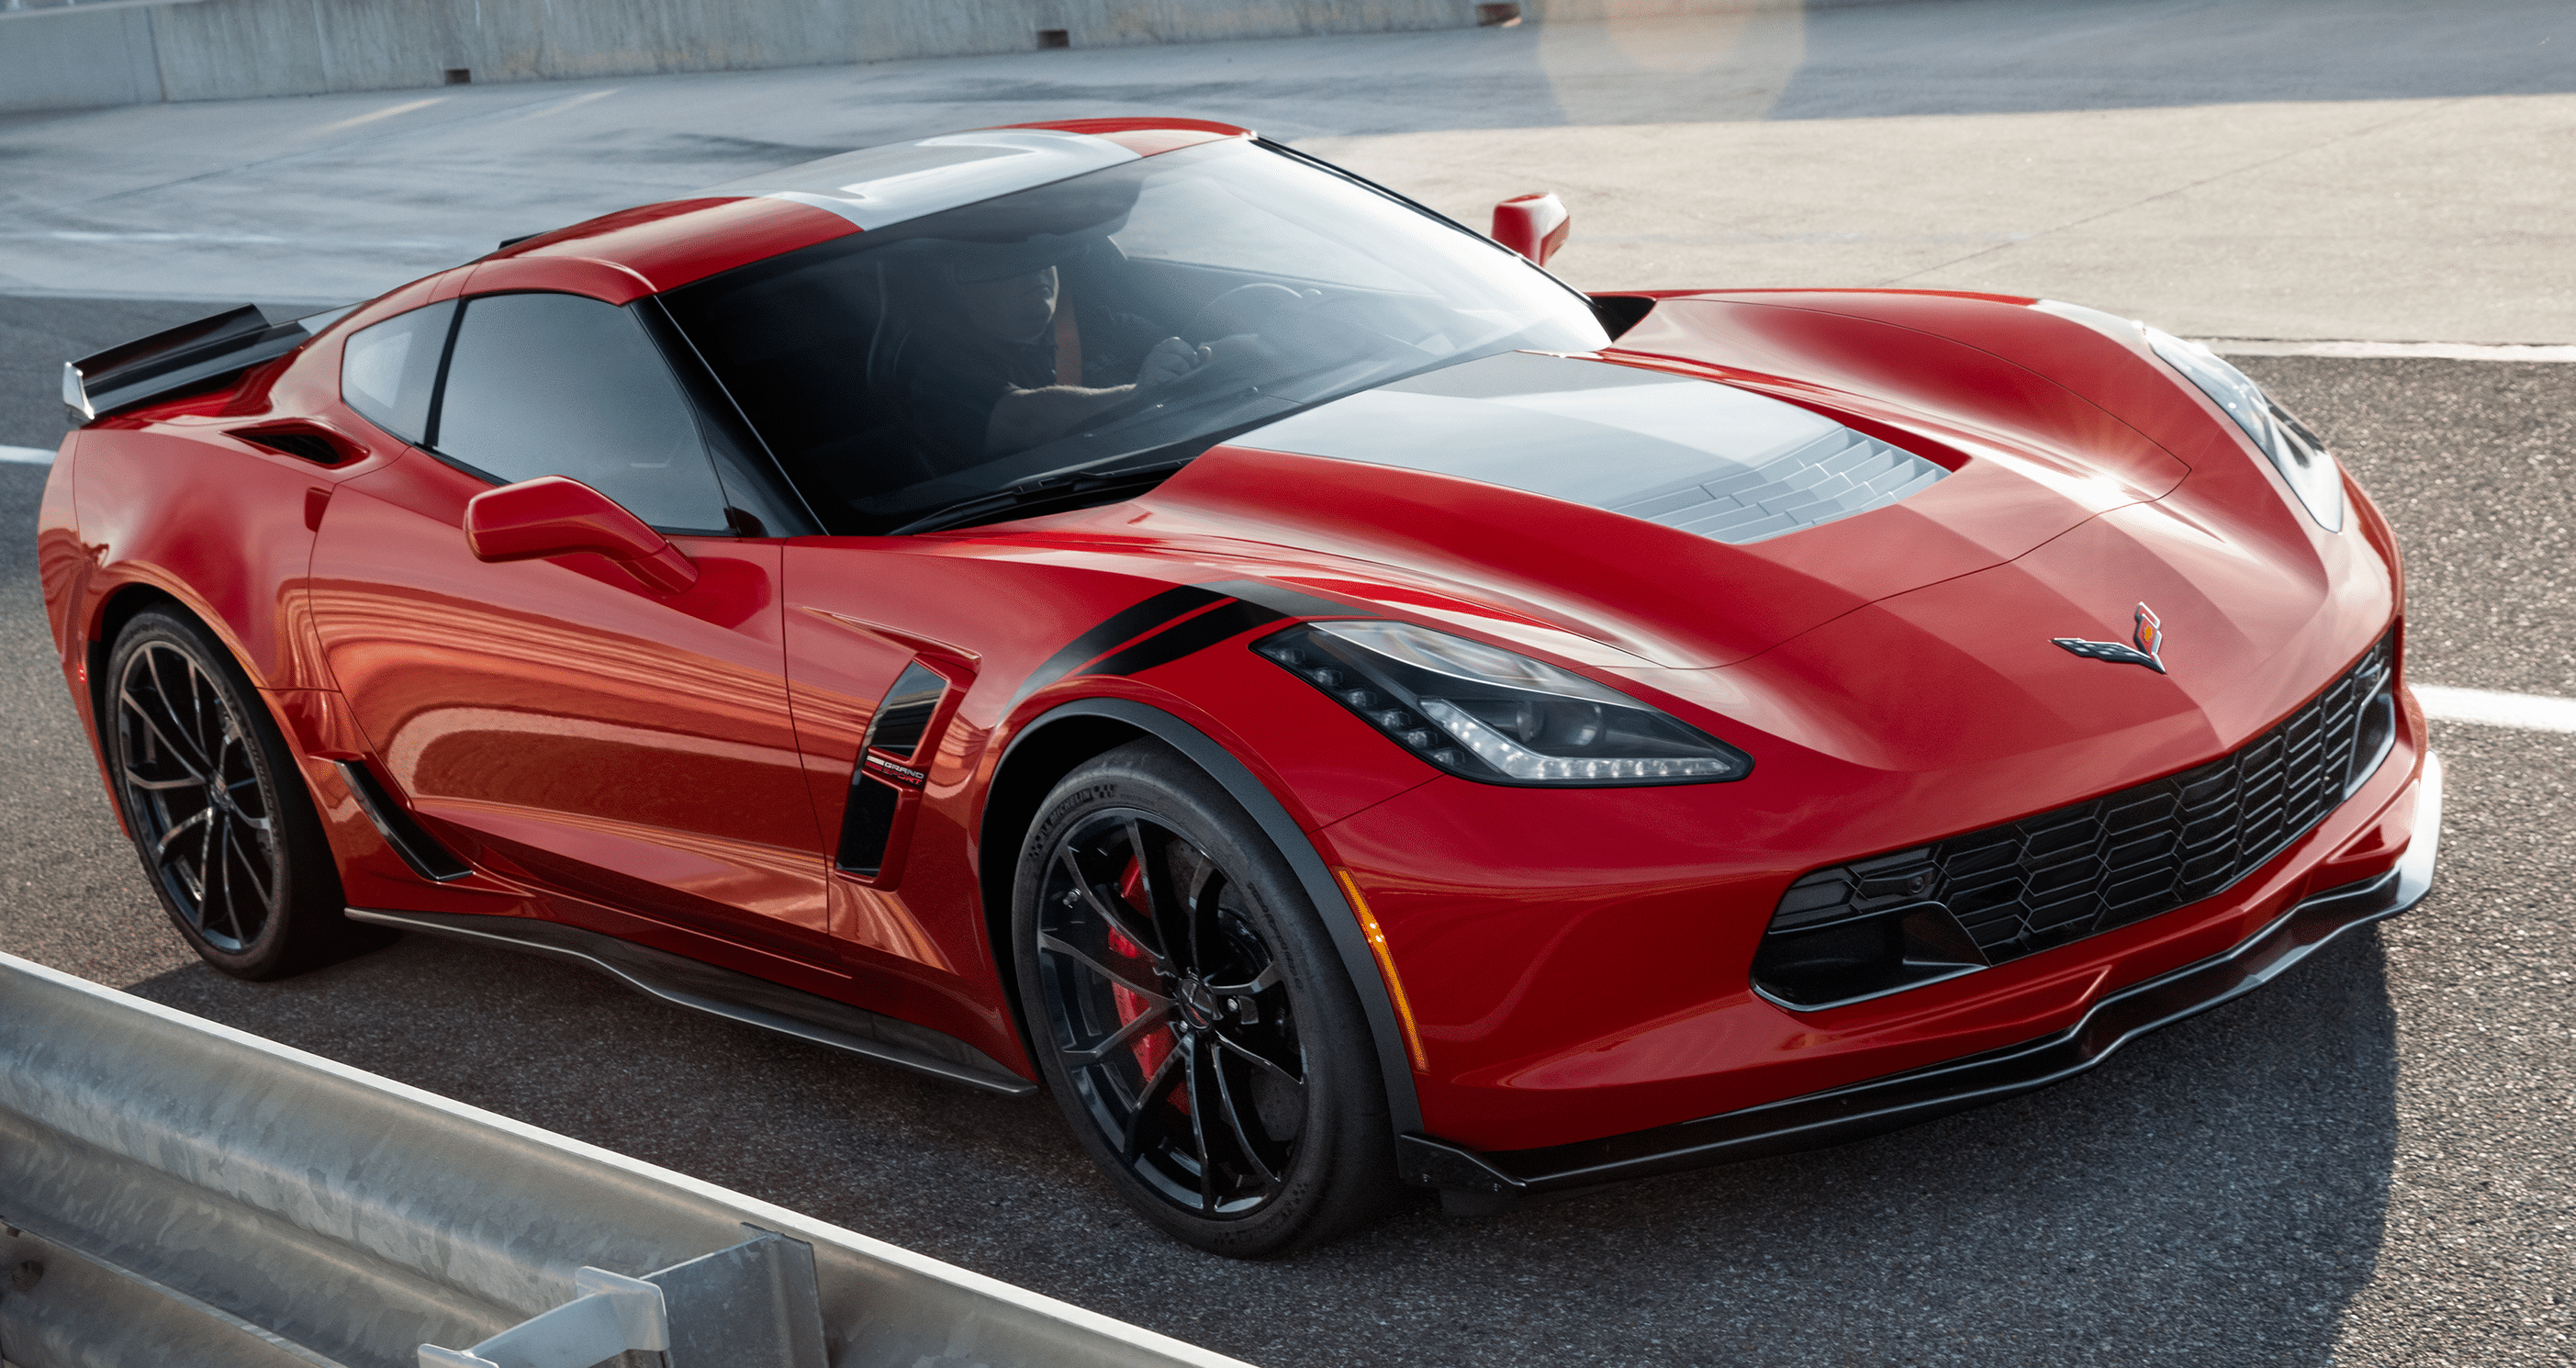 Historia del Automóvil y su Evolución-Corvette